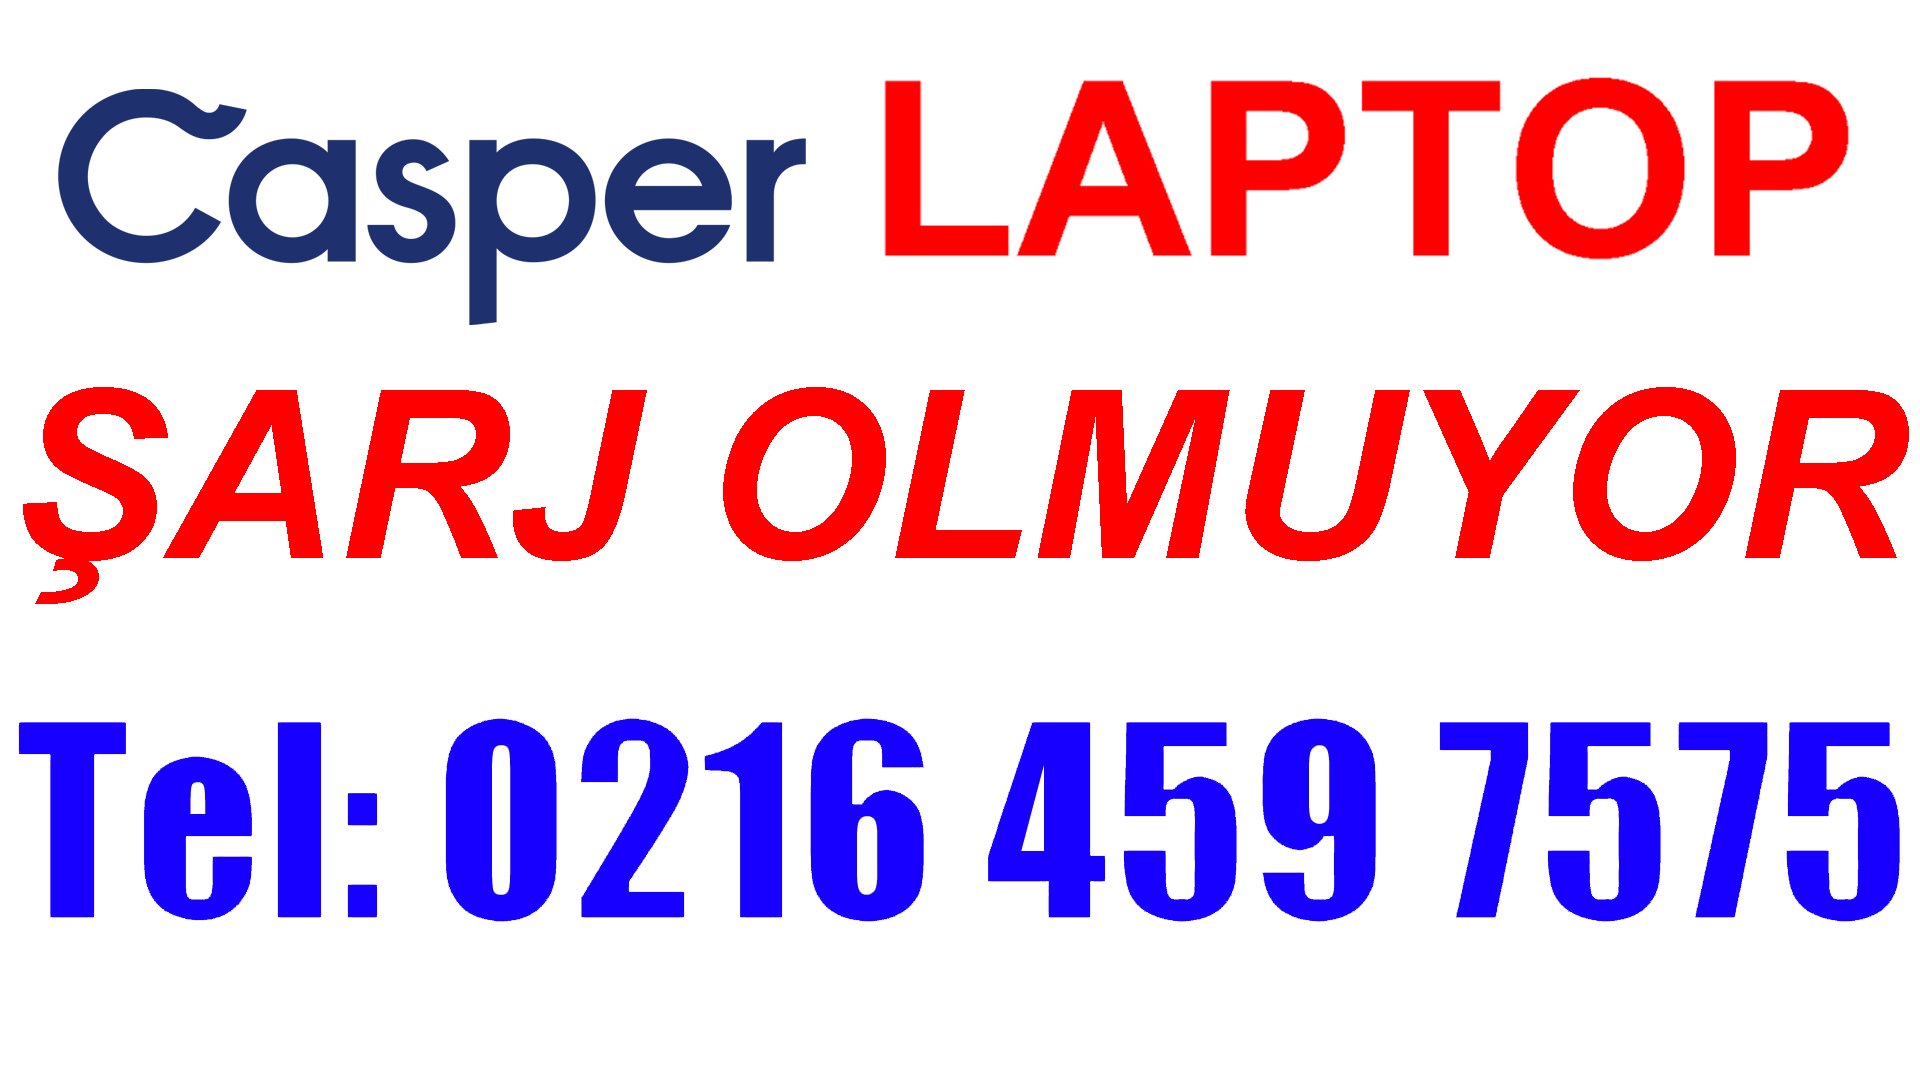 Casper Laptop Şarj Olmuyor